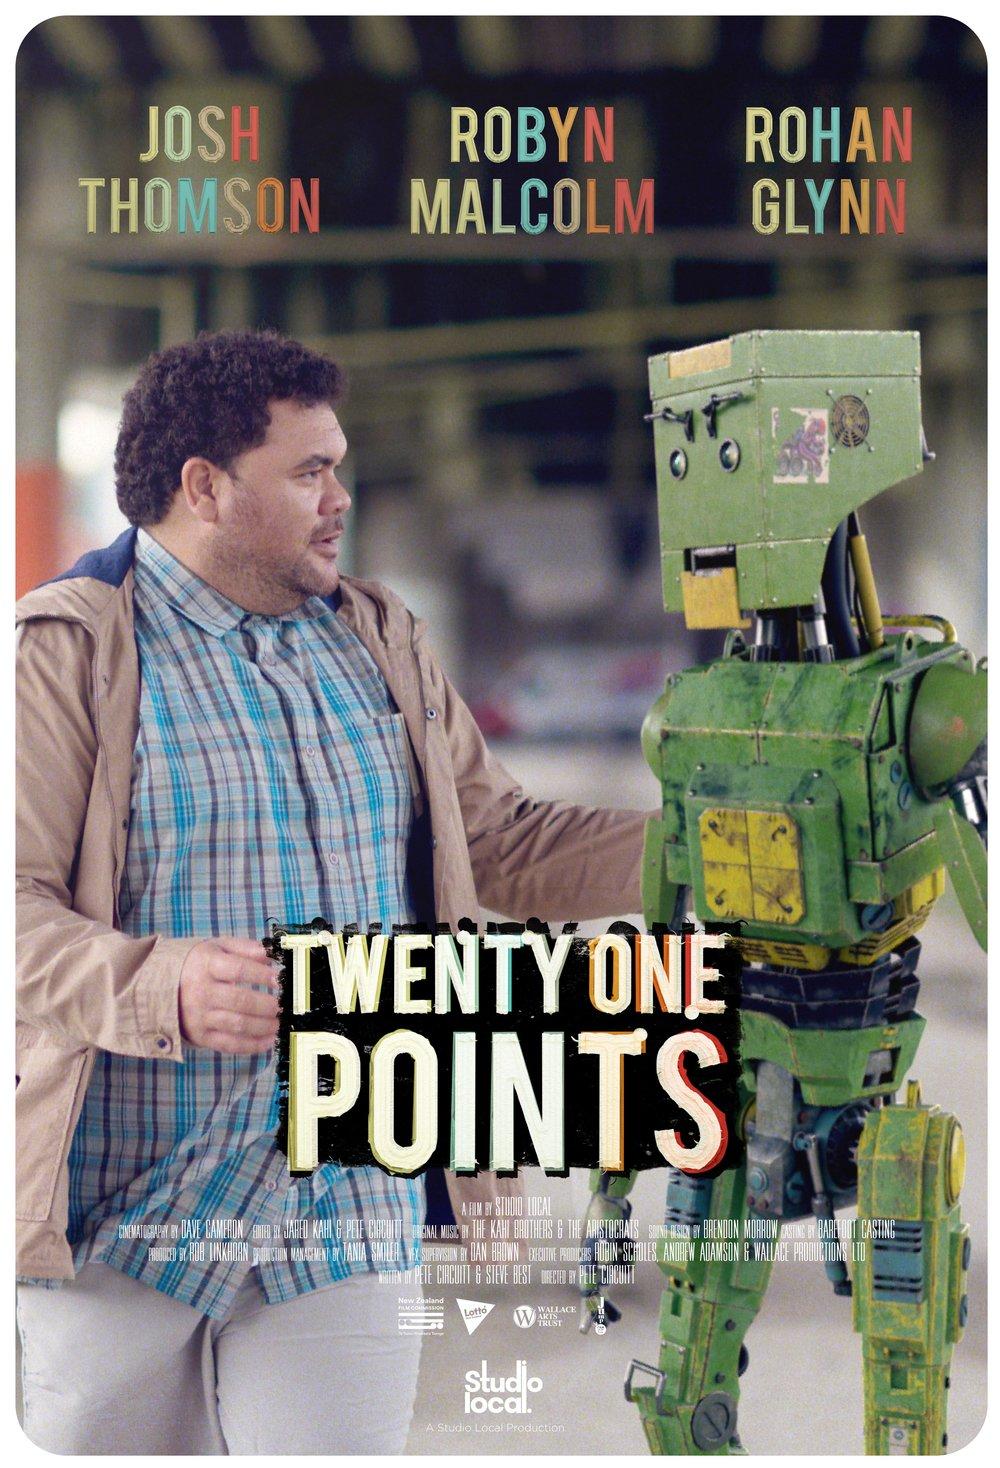 Twenty One Points